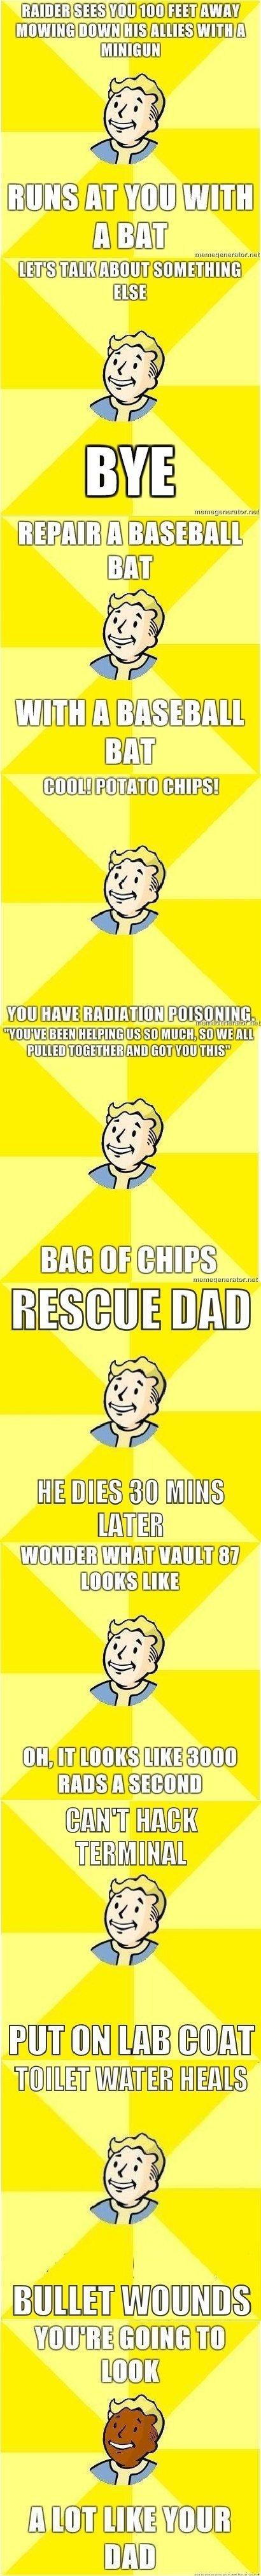 Fallout logic.. Eeeeyyy.... HUGE] BEBE III ' Q 'lauran Eii]